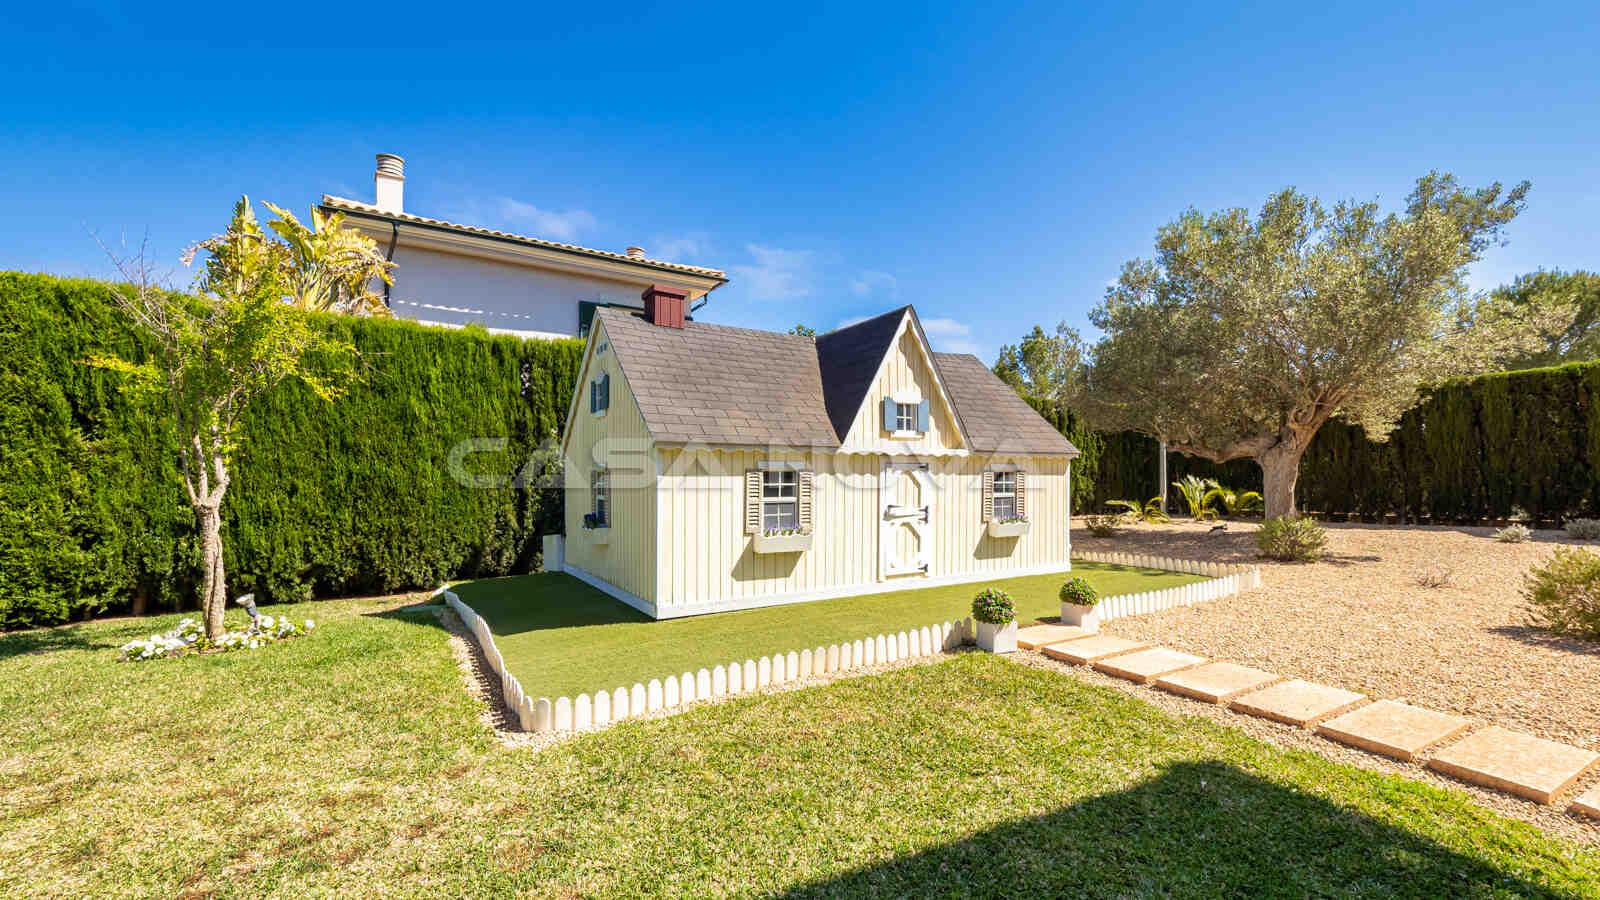 Holzhaus im Garten: Ein Paradies für Groß und Klein